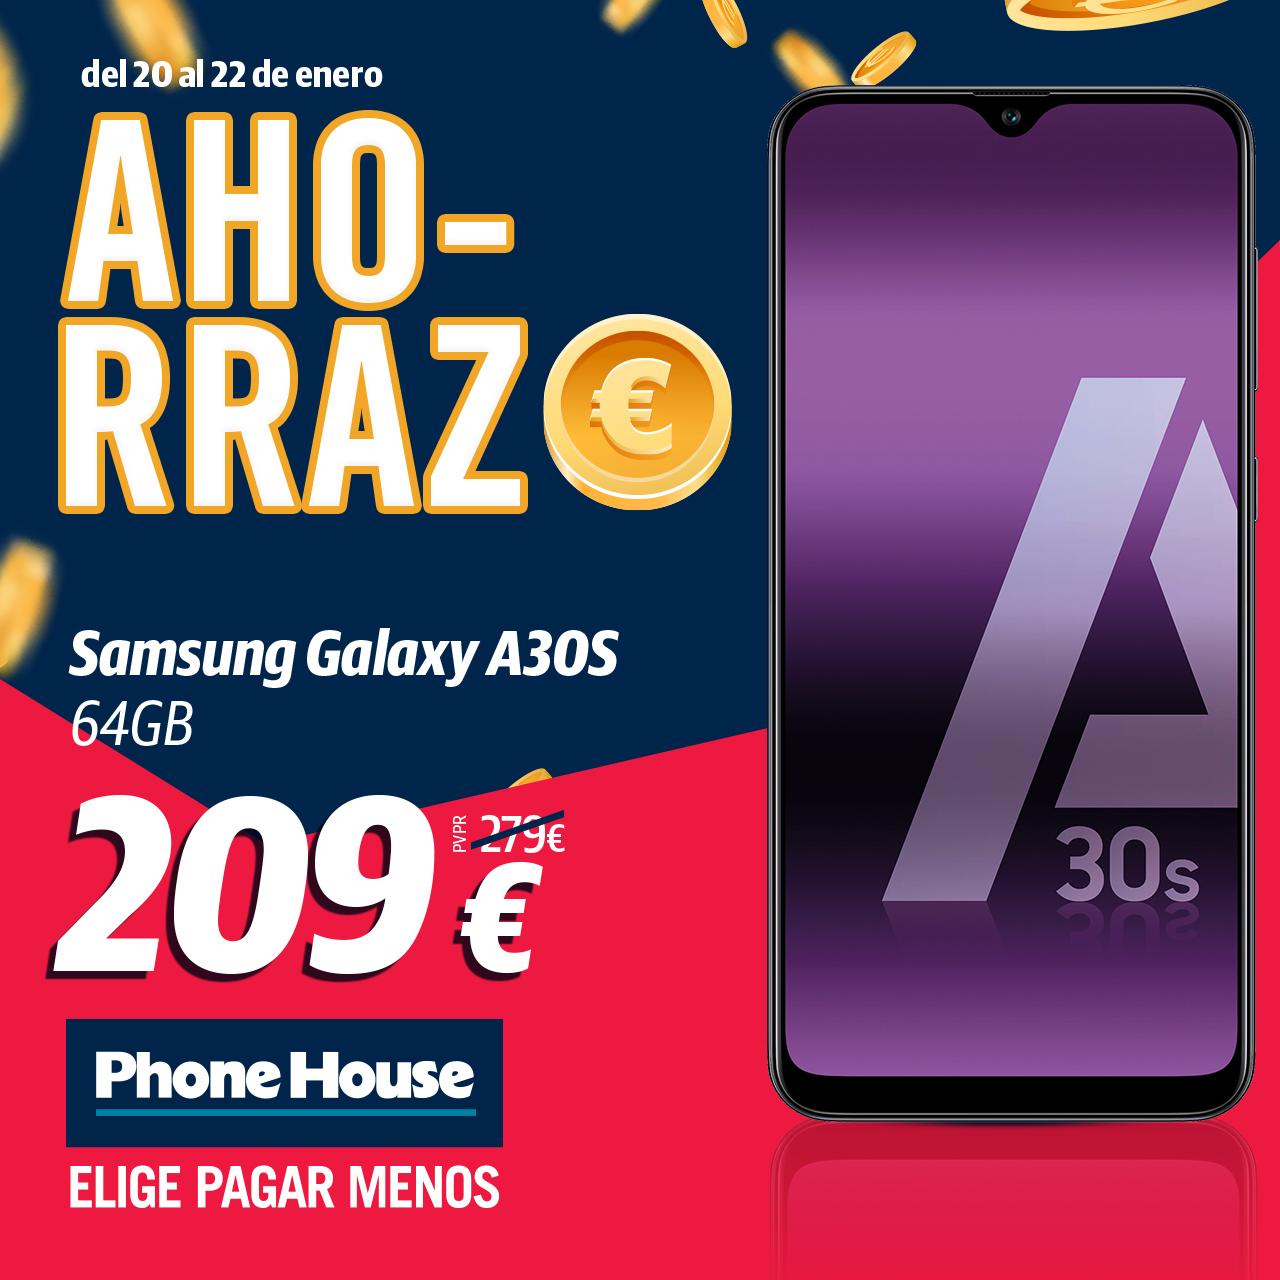 Ahorrazo Samsung Galaxy A30s 1000x1000